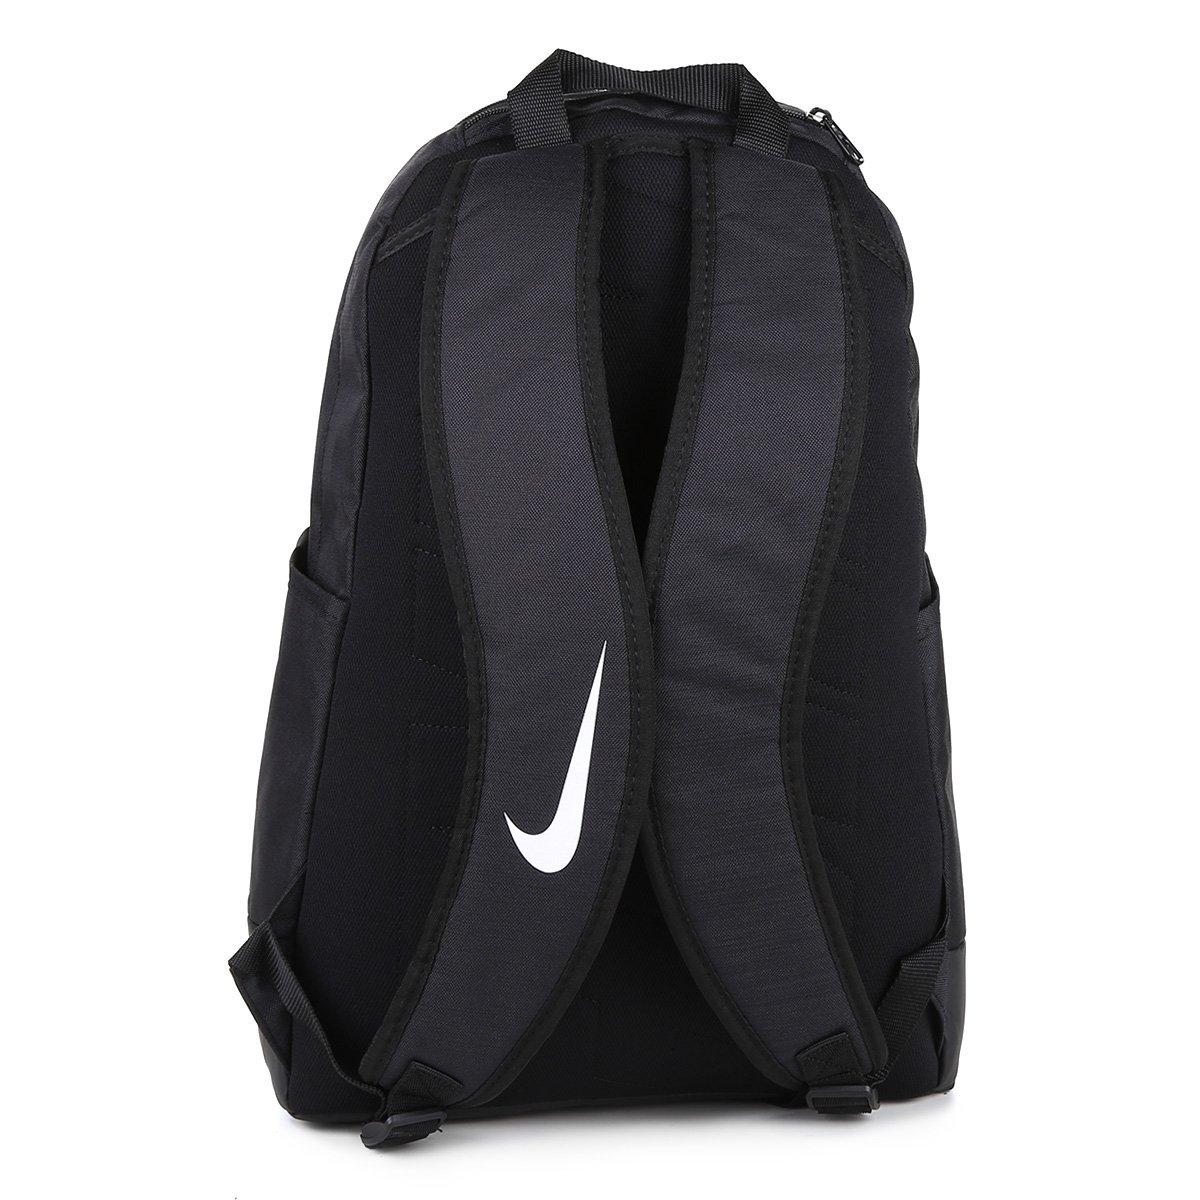 Mochila Nike Brasília - Extra Grande - Compre Agora  181f0e81910ba